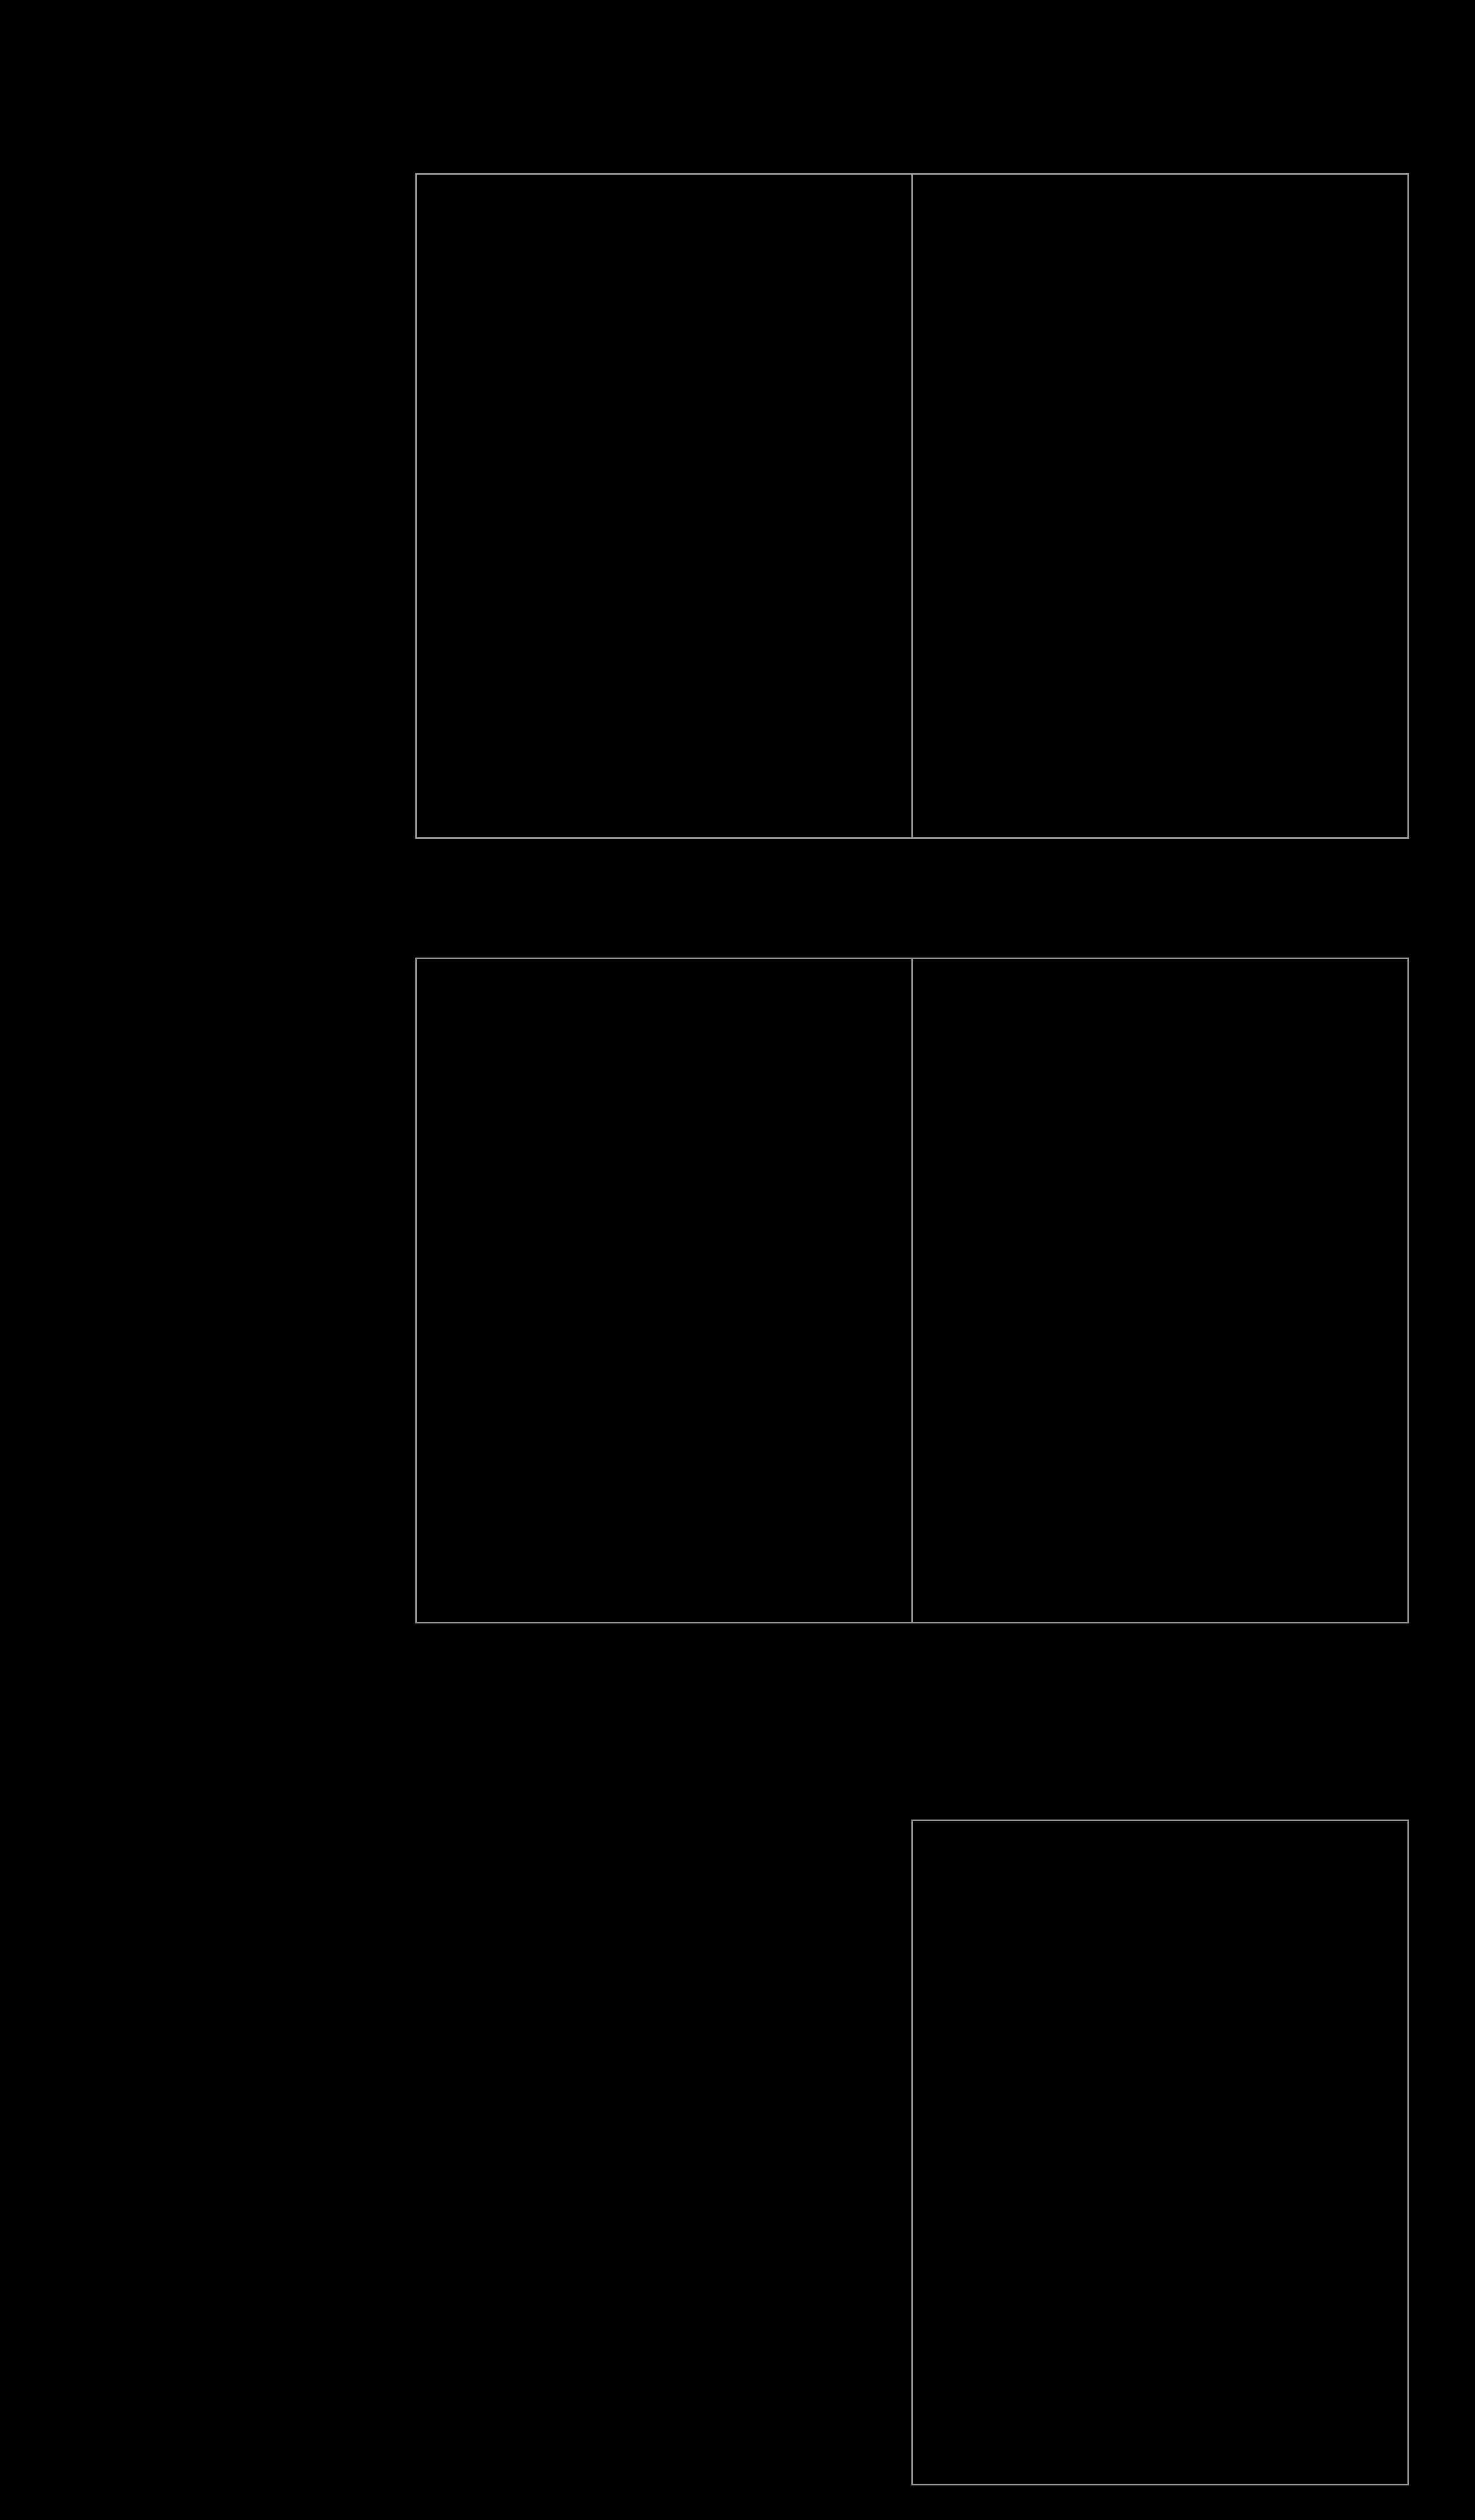 Quadro comparativo das câmeras dos iPhones 11 Pro e XS